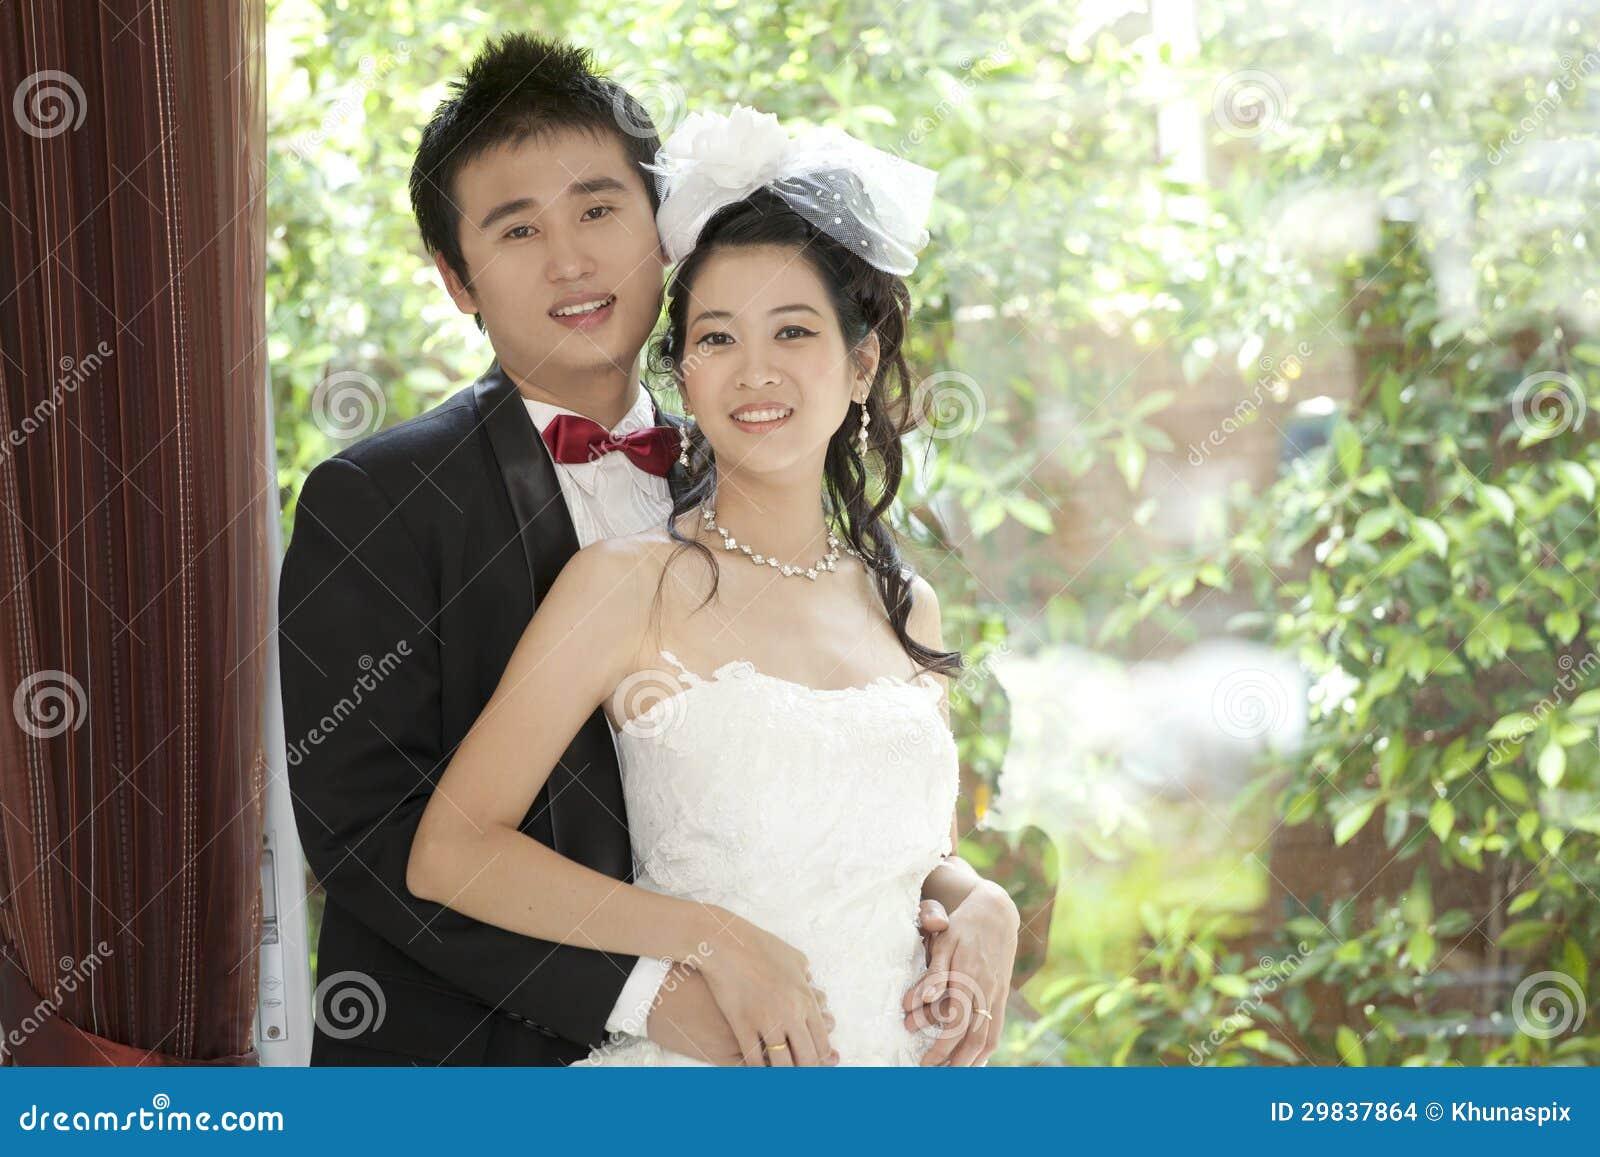 White women asian san diego blogger